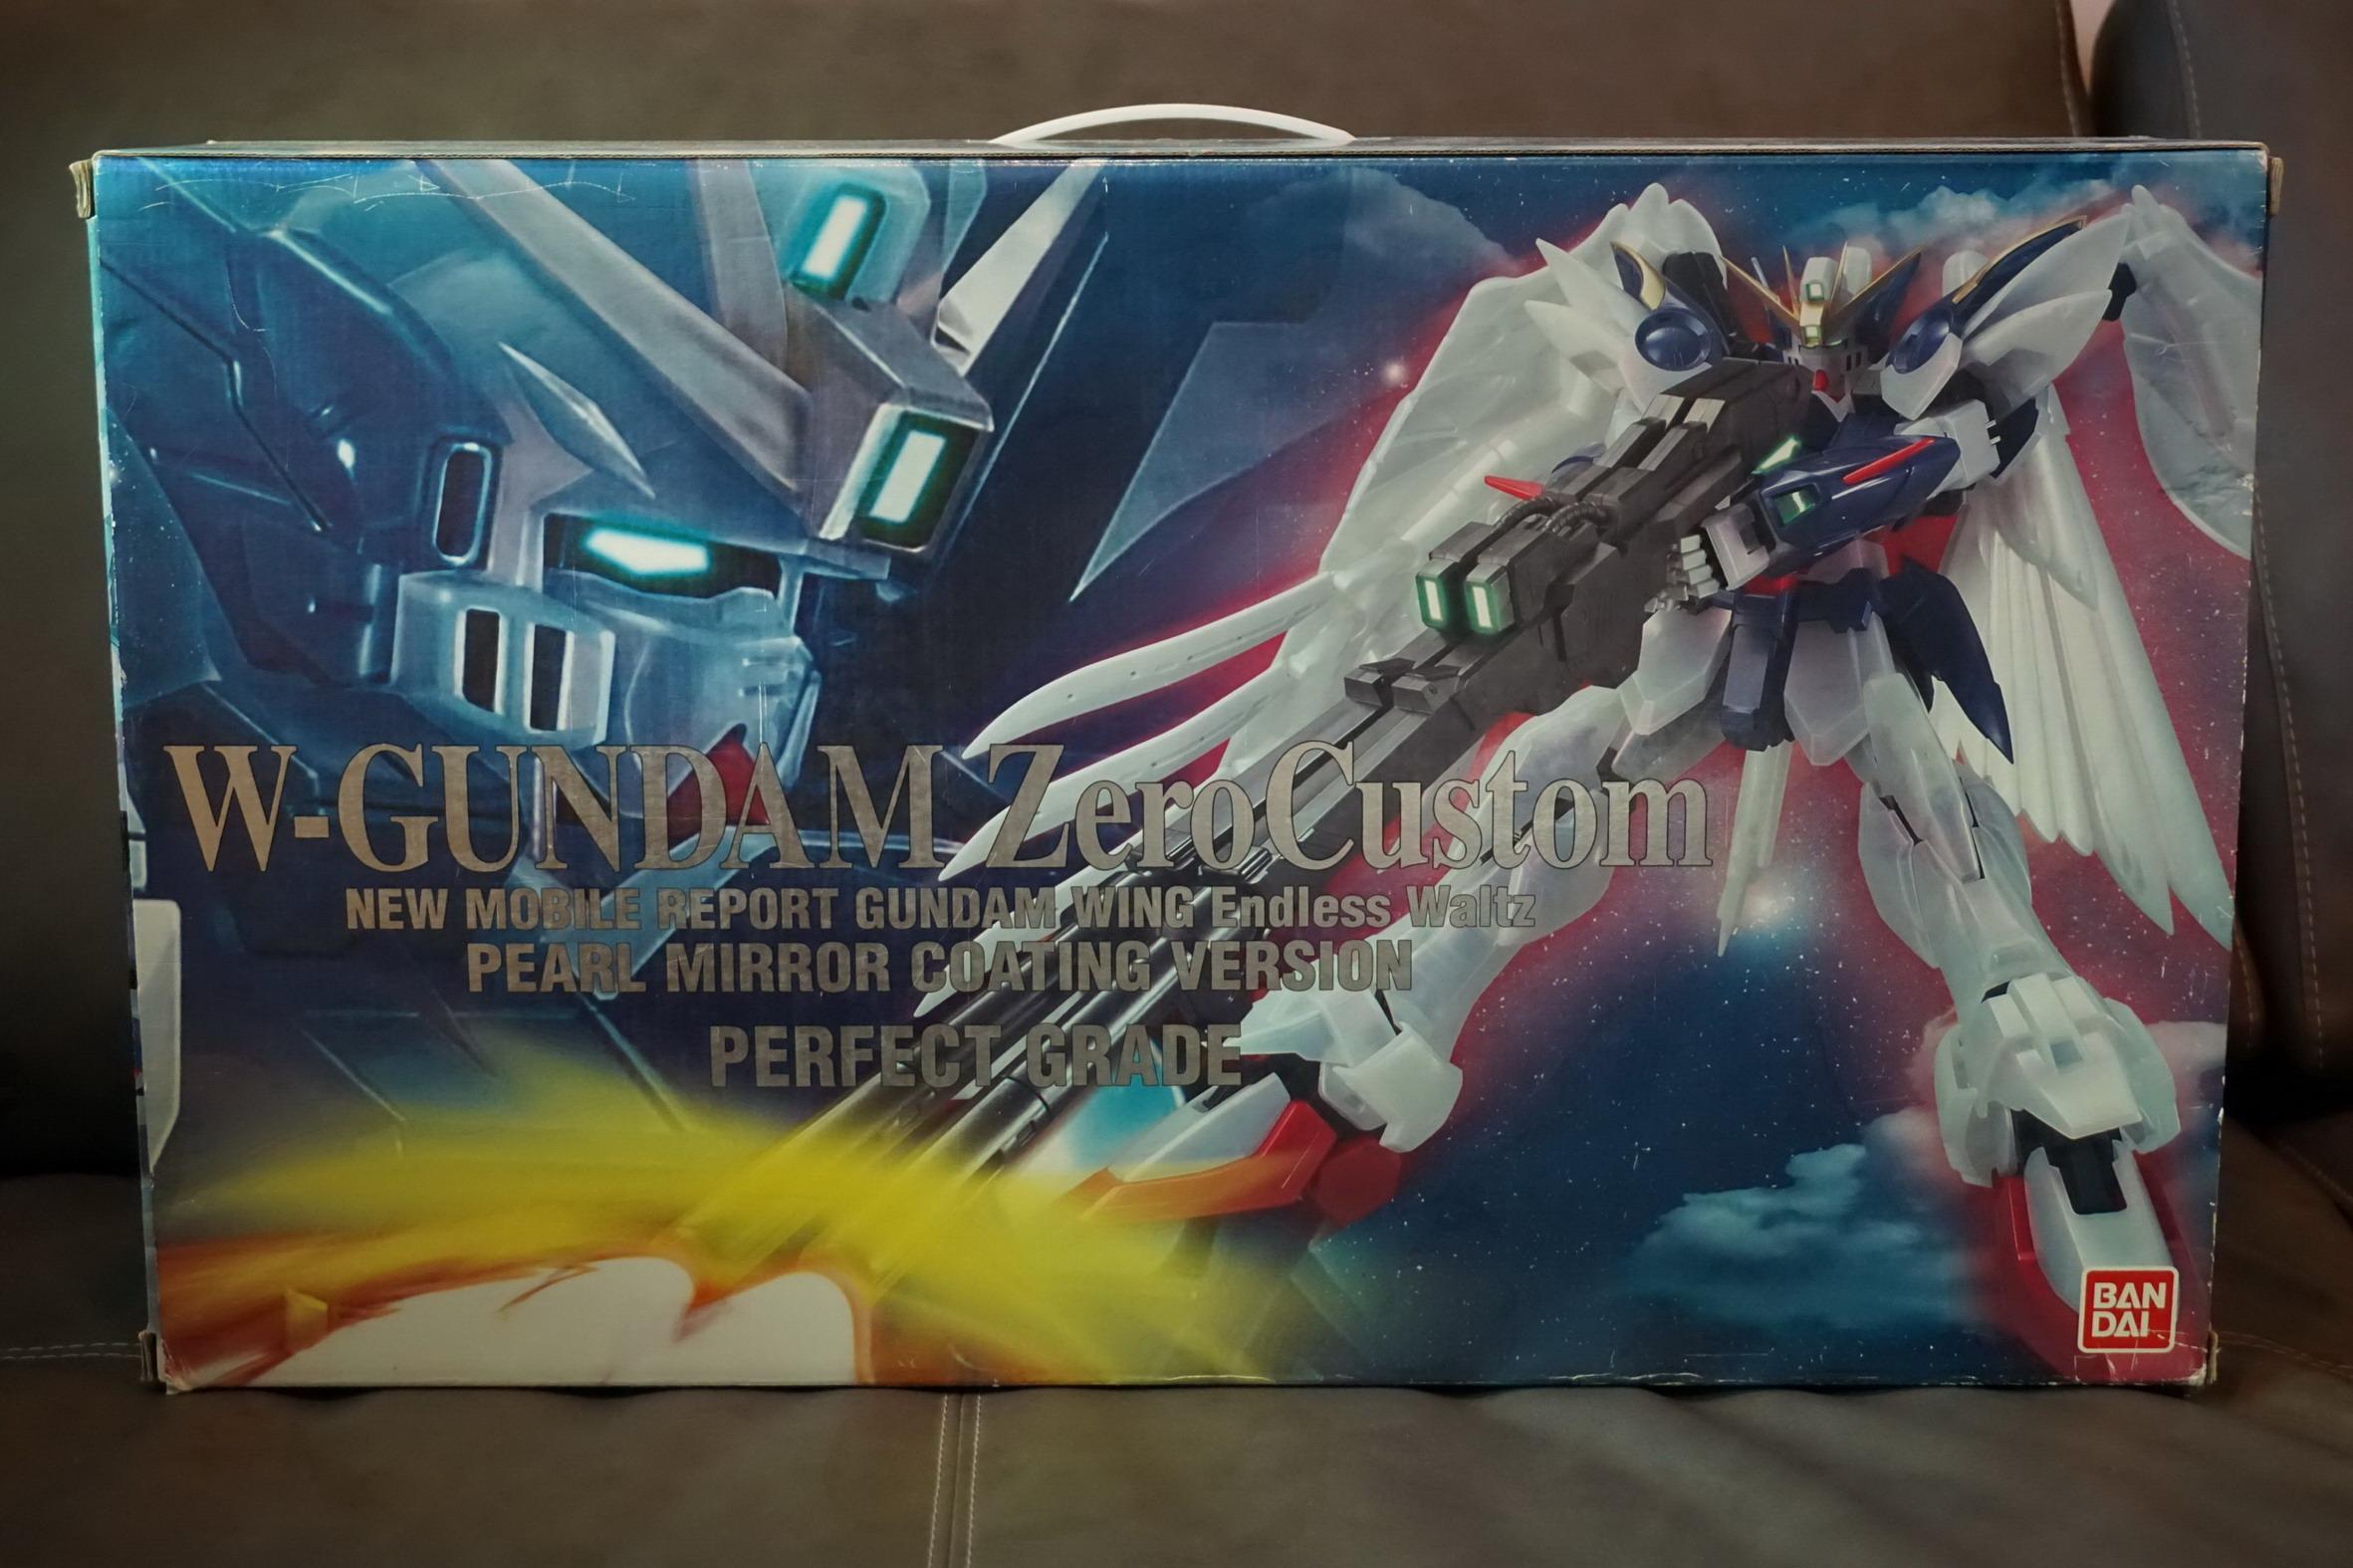 15 Gundam Wing Endless Waltz Pantip Wallpapers 10